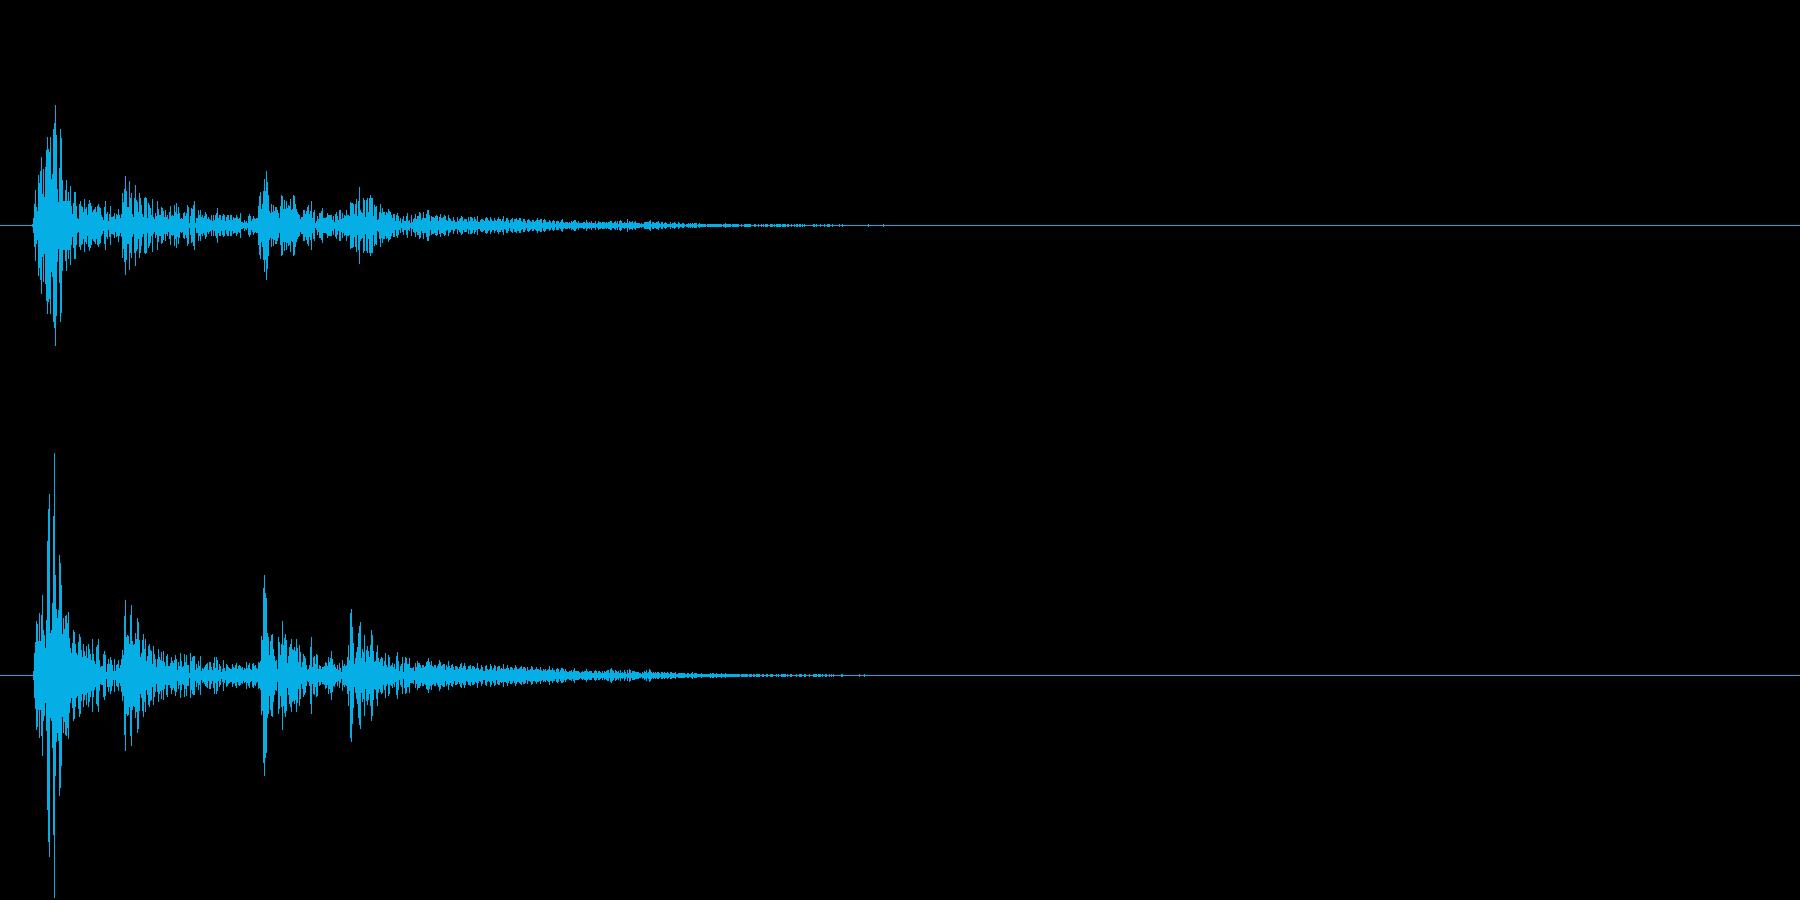 【生録音】お茶碗に箸が当たる音 単発 3の再生済みの波形